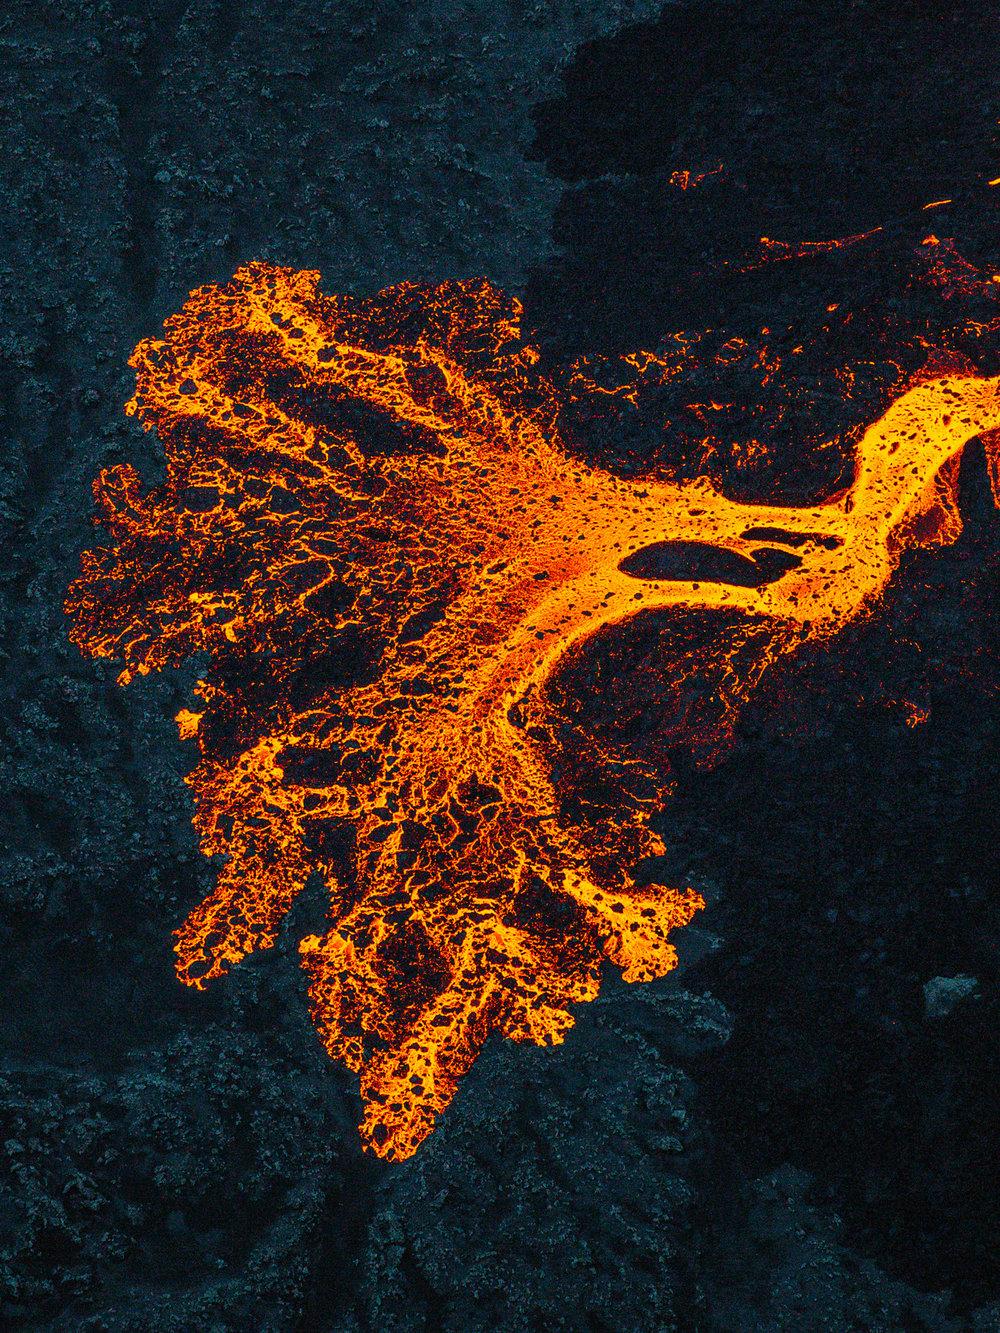 AxelSig_aerial009.jpg